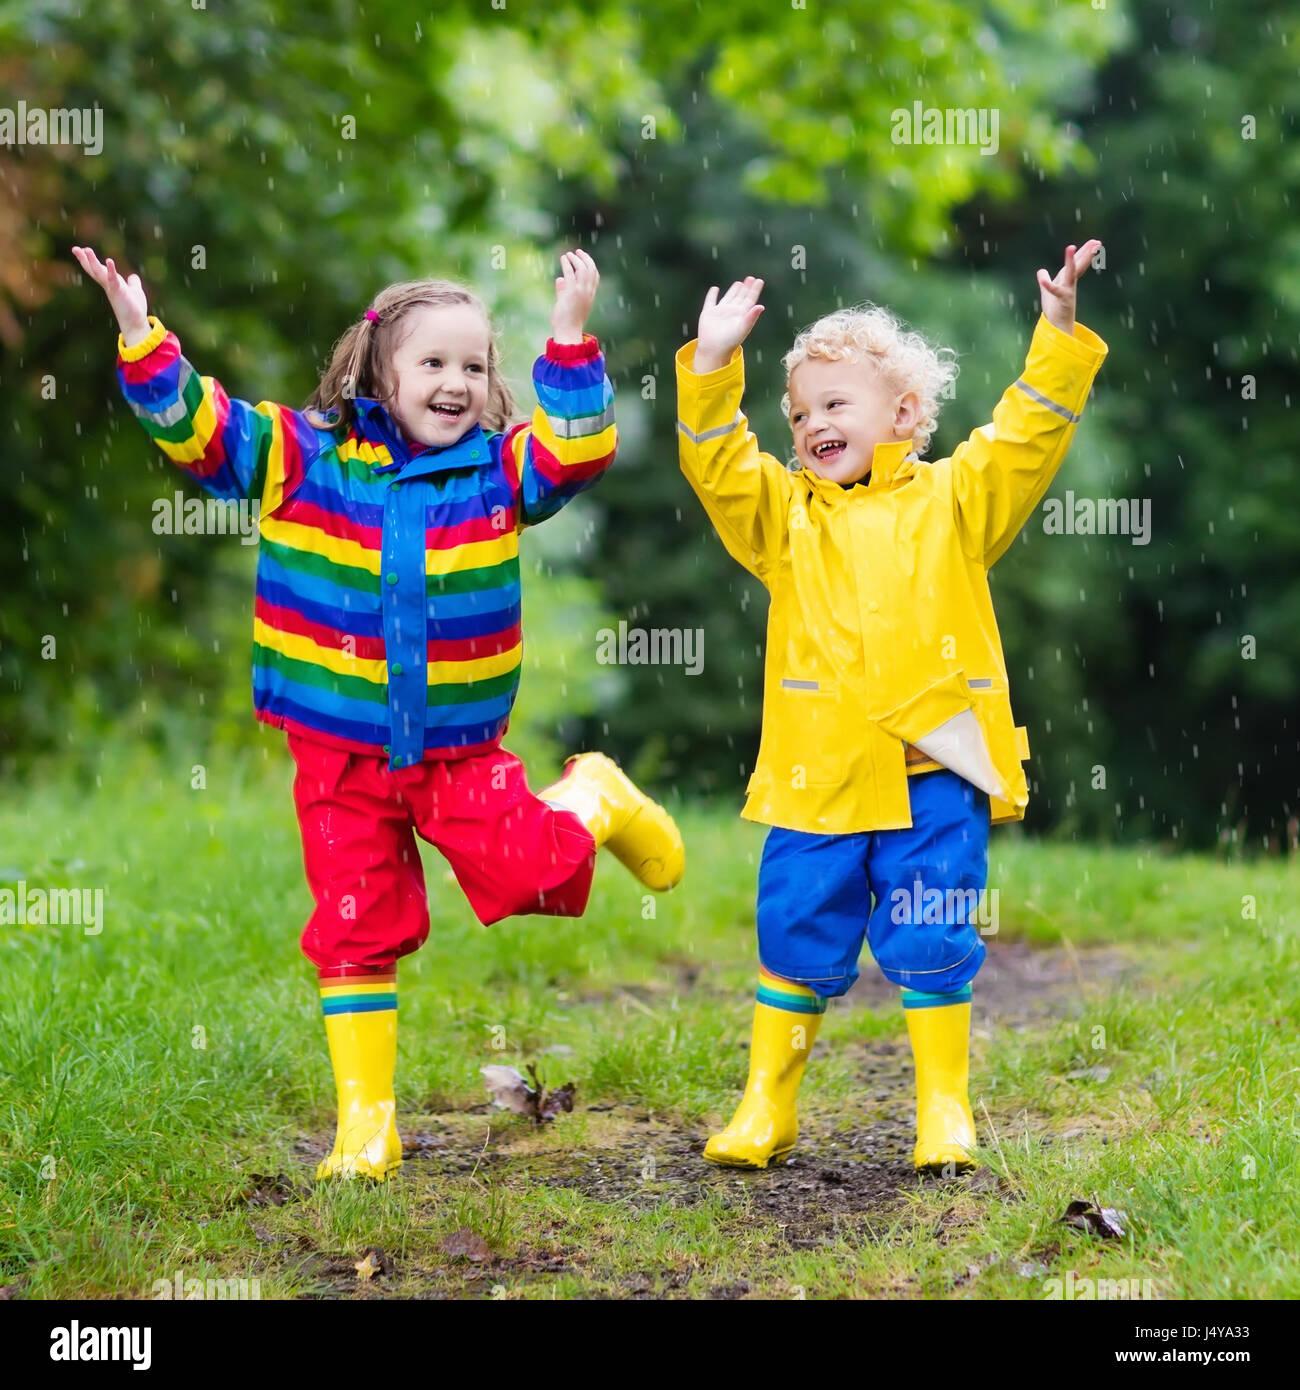 fille d'étéLes garçon parc jouer Petit et dans rainy N80wPvmnOy